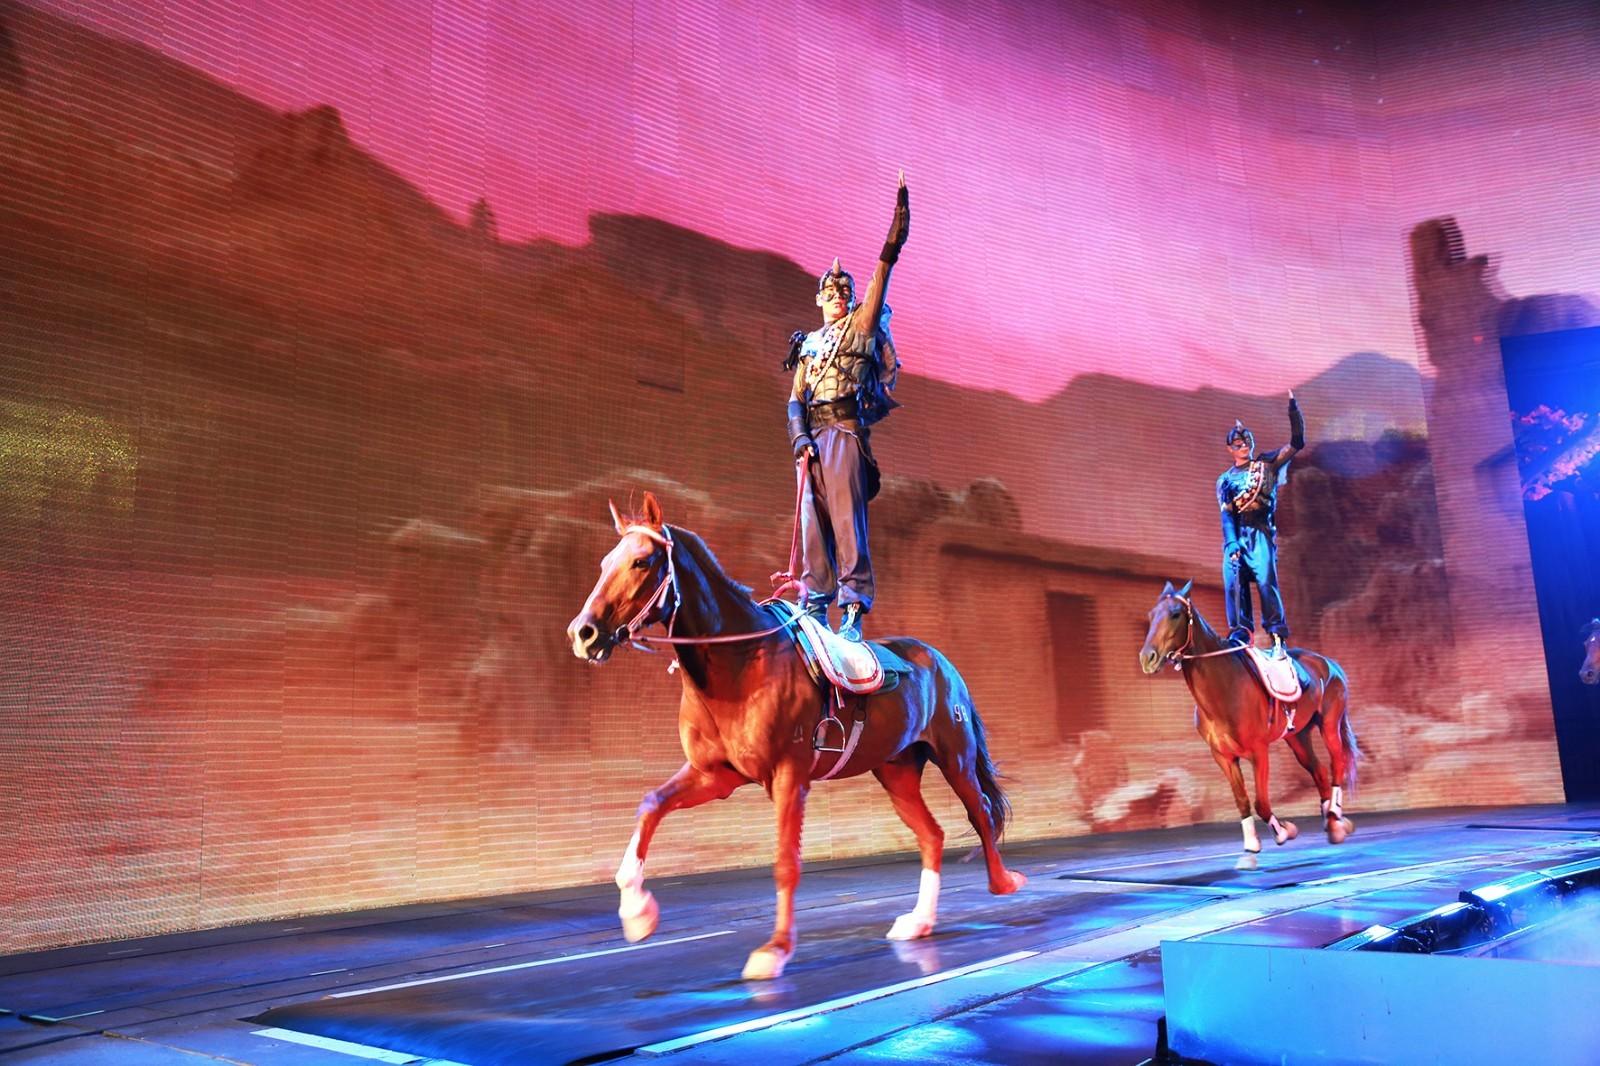 场舞到新疆去_直击夜幕下的丝绸之路大秀 新疆歌舞中看丝路变迁